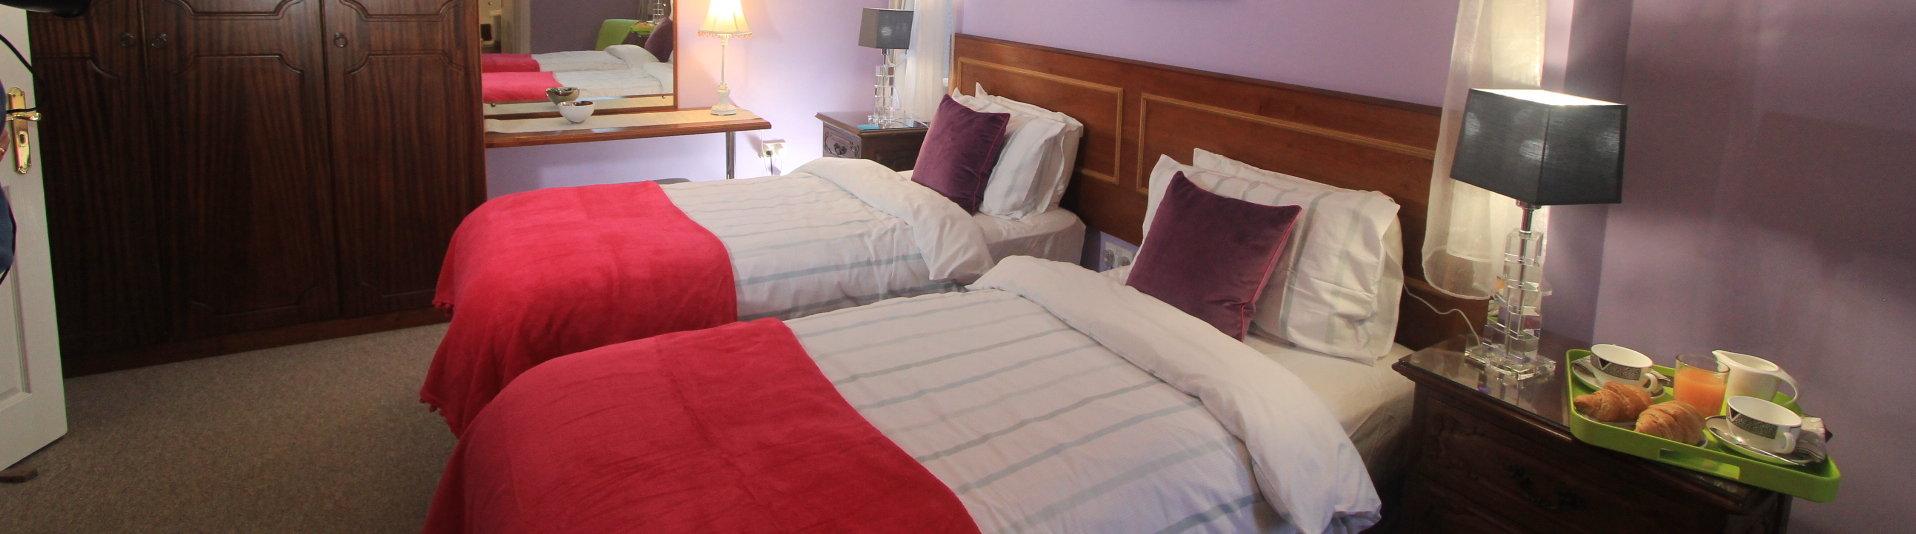 Lemnalary Twin Bedroom